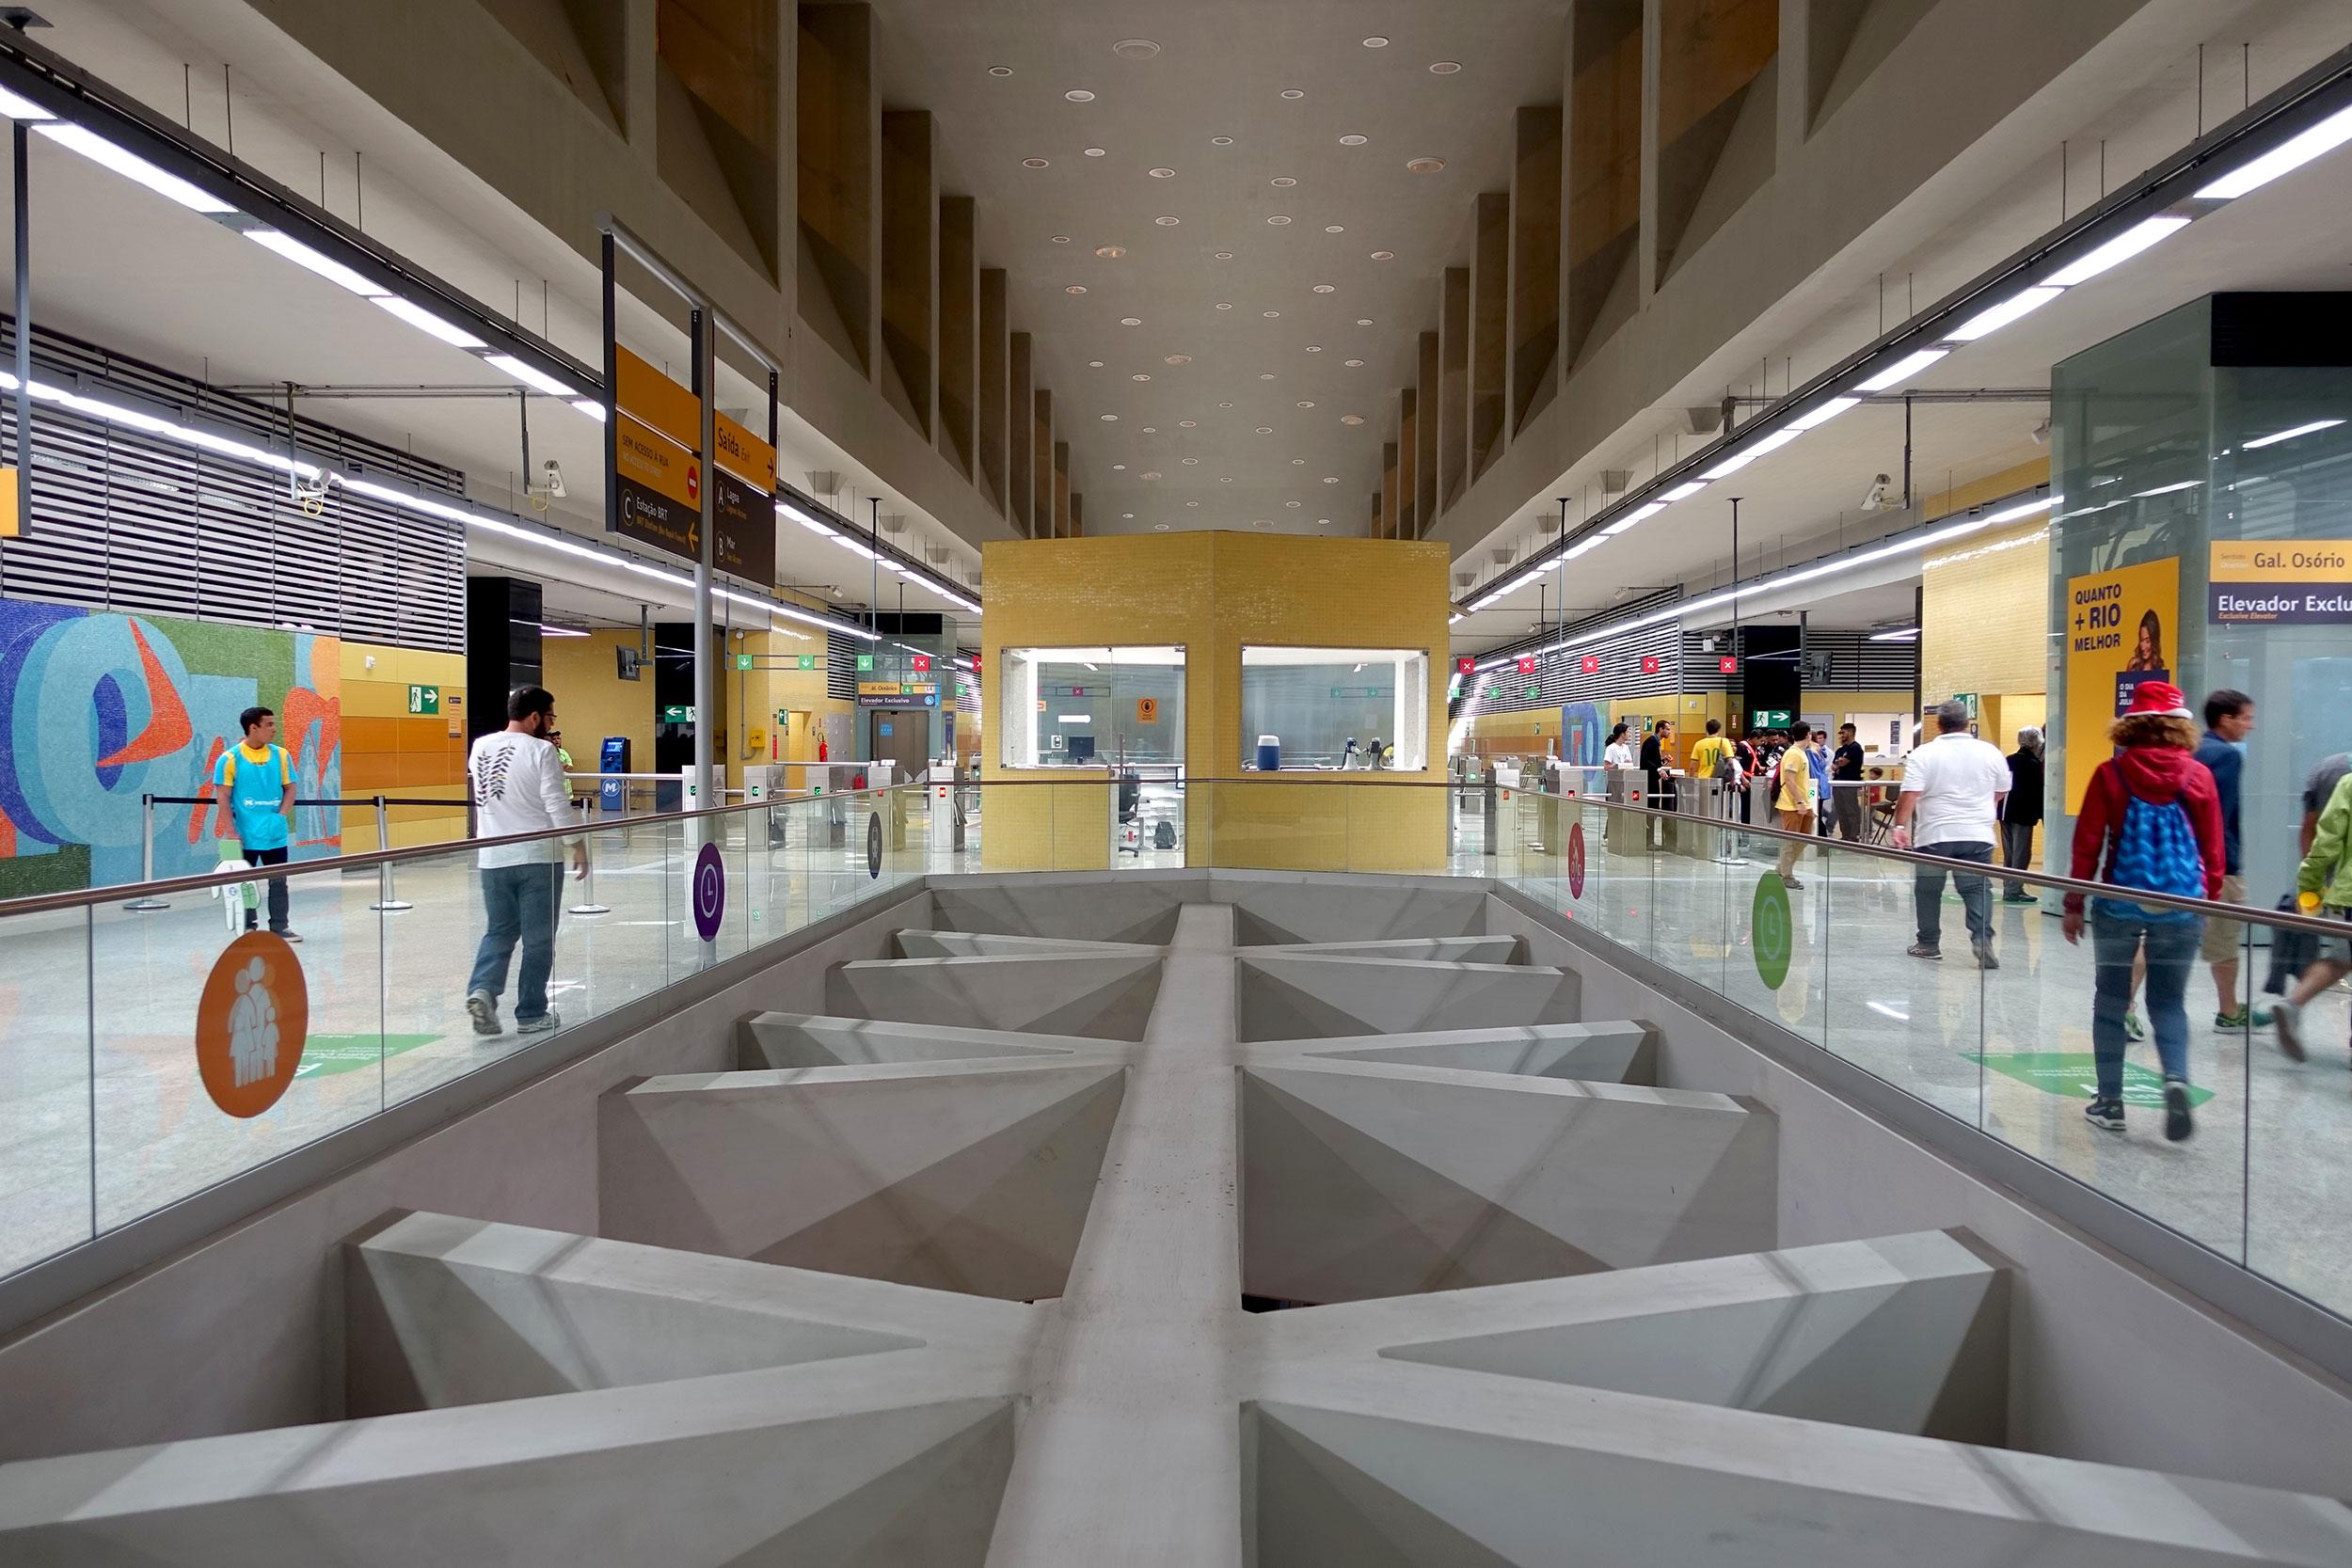 The new metro station in Rio's west zone Barra da Tijuca